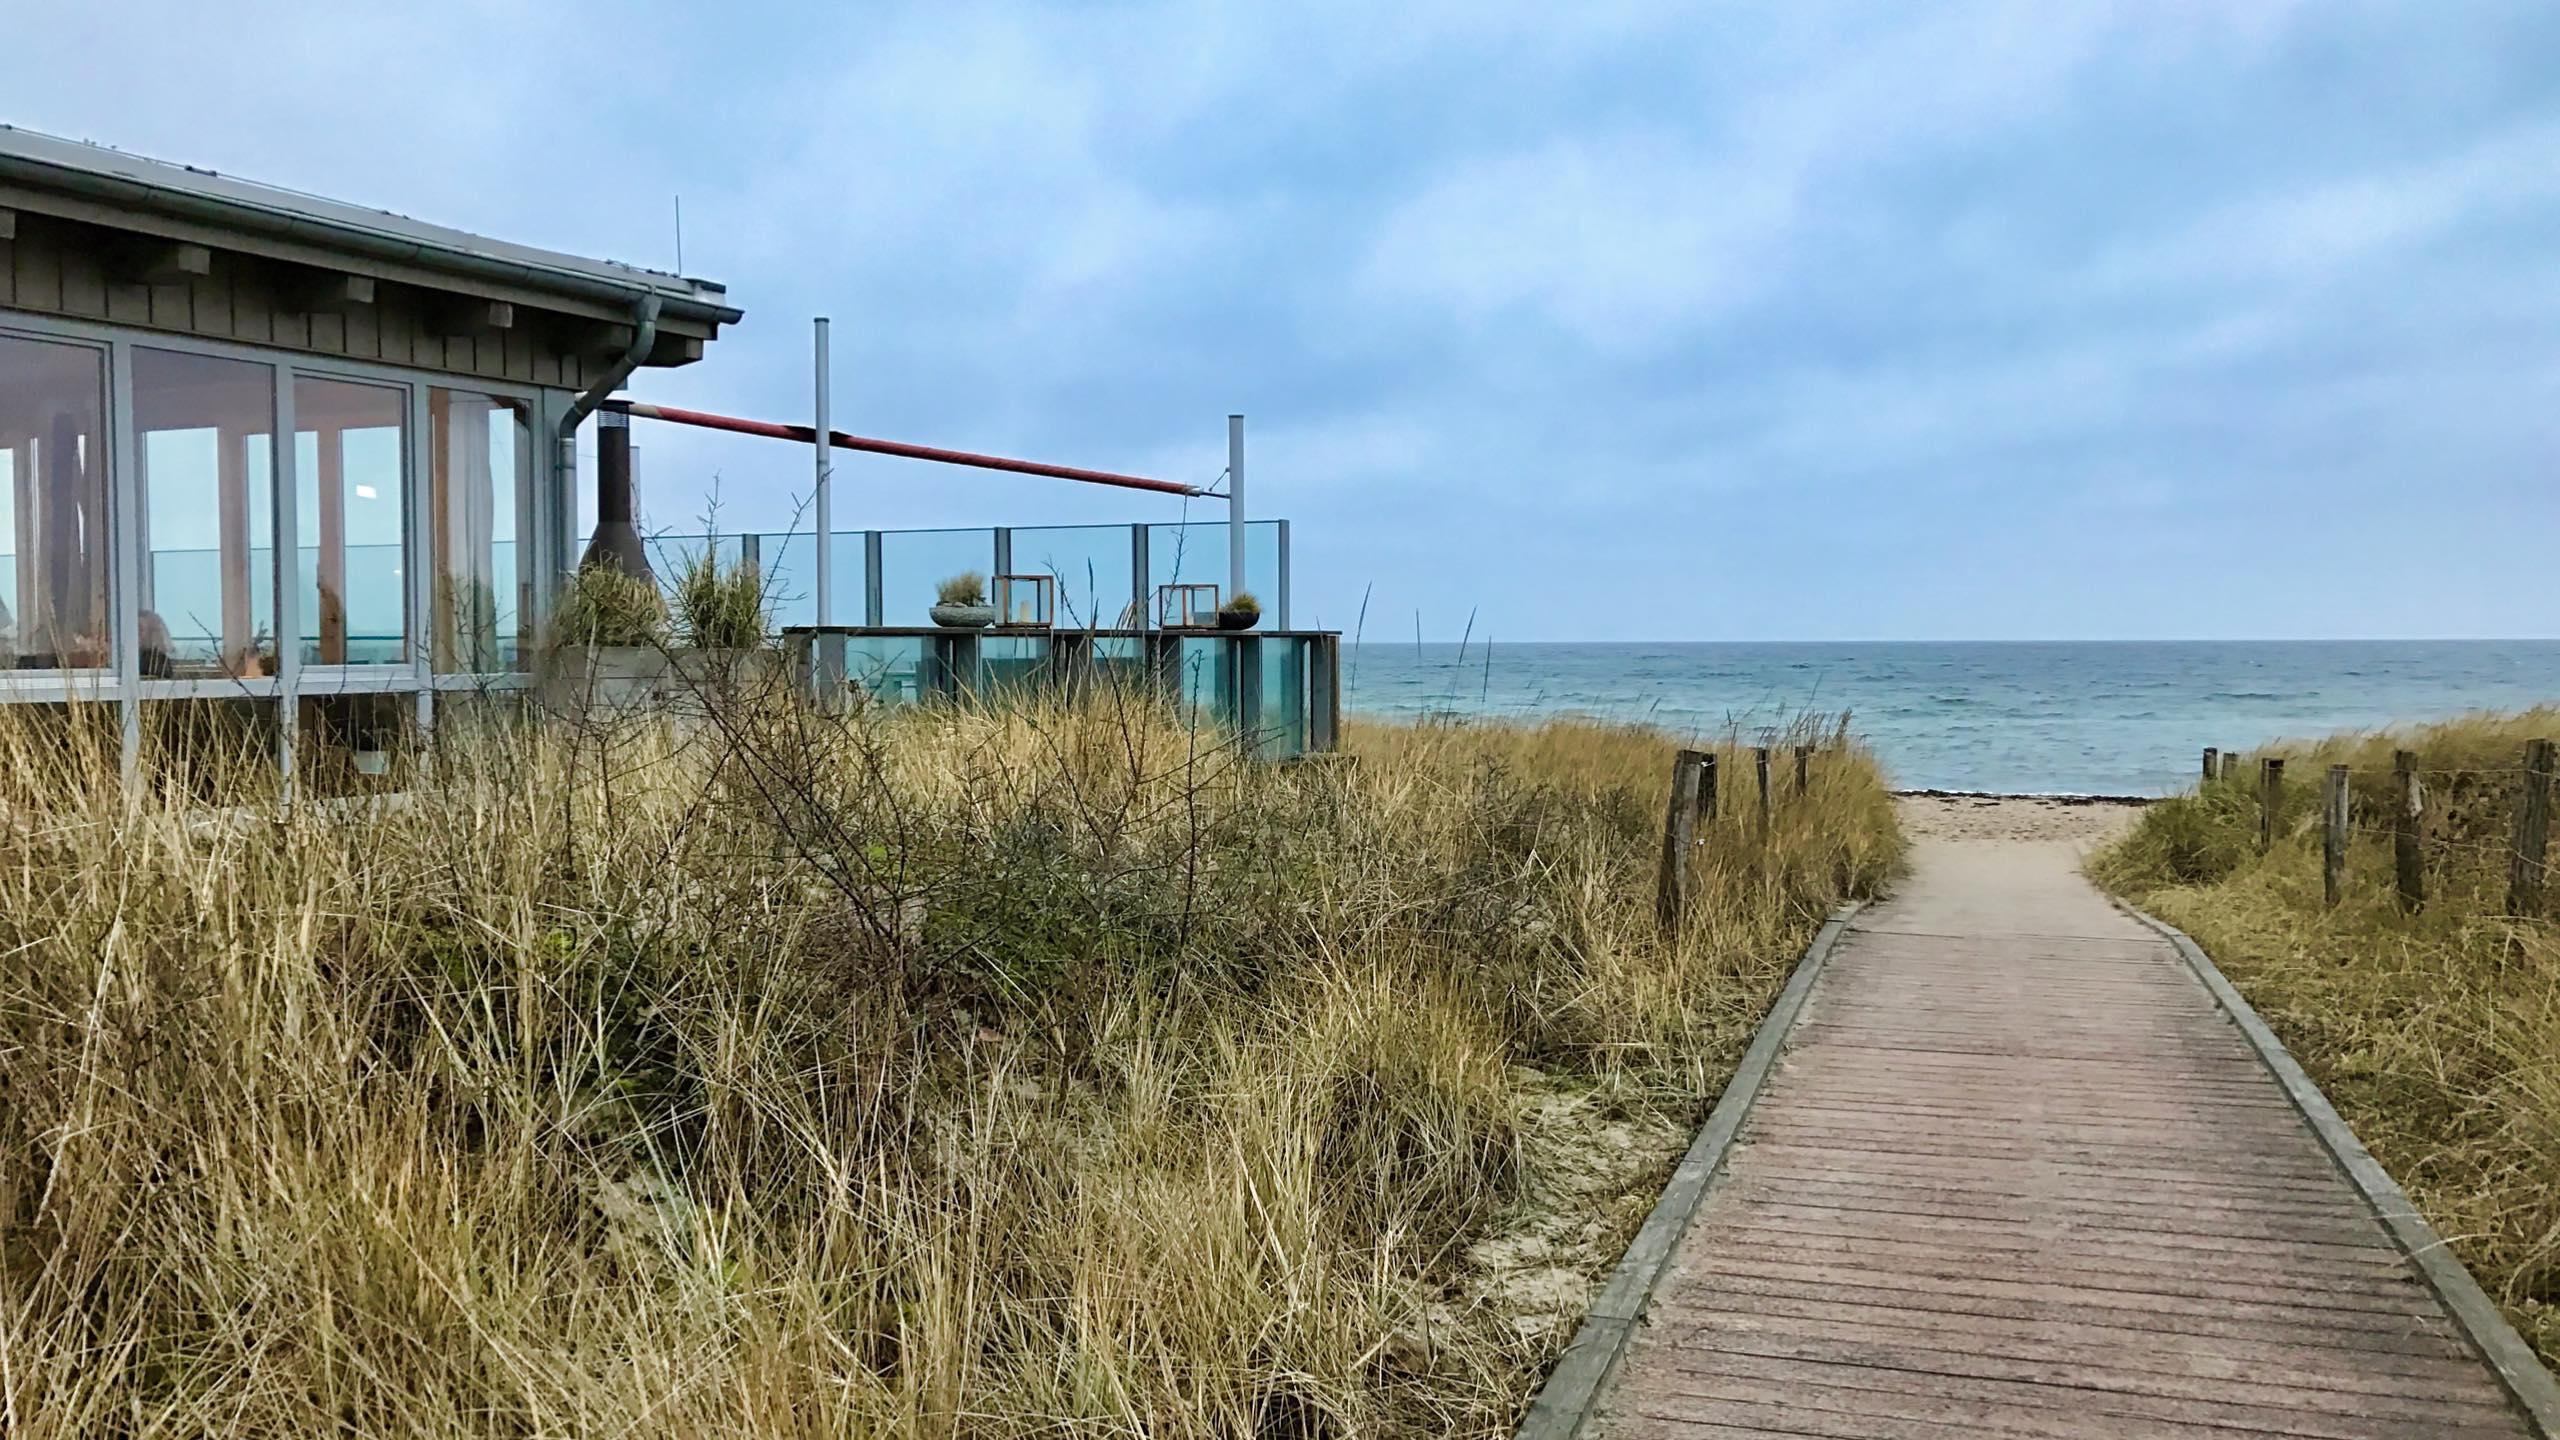 Das Bootshaus des schleswig-holsteinischen Ressorts, das inmitten der Sandünen liegt - mit Blick auf die Ostsee.